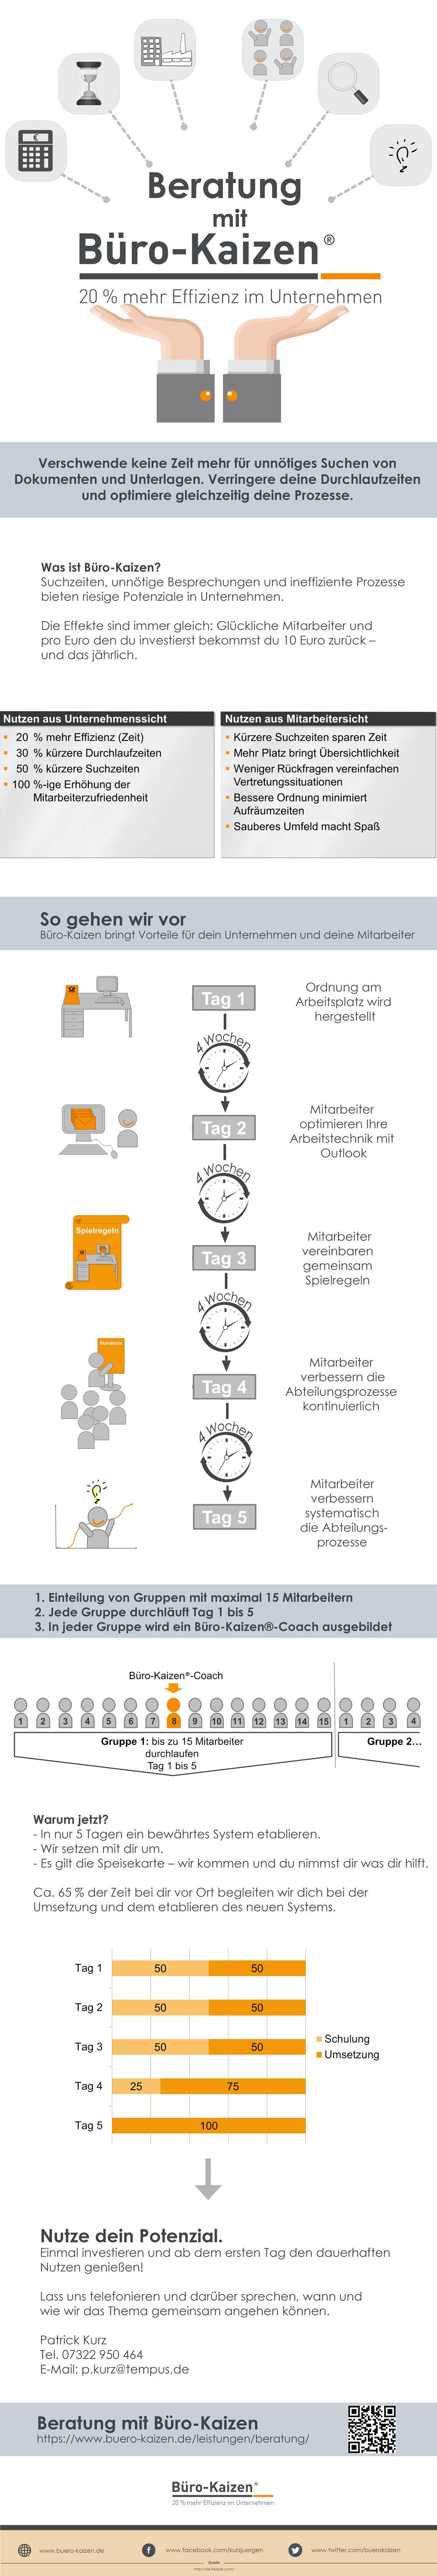 infografik-buero-kaizen-beratung